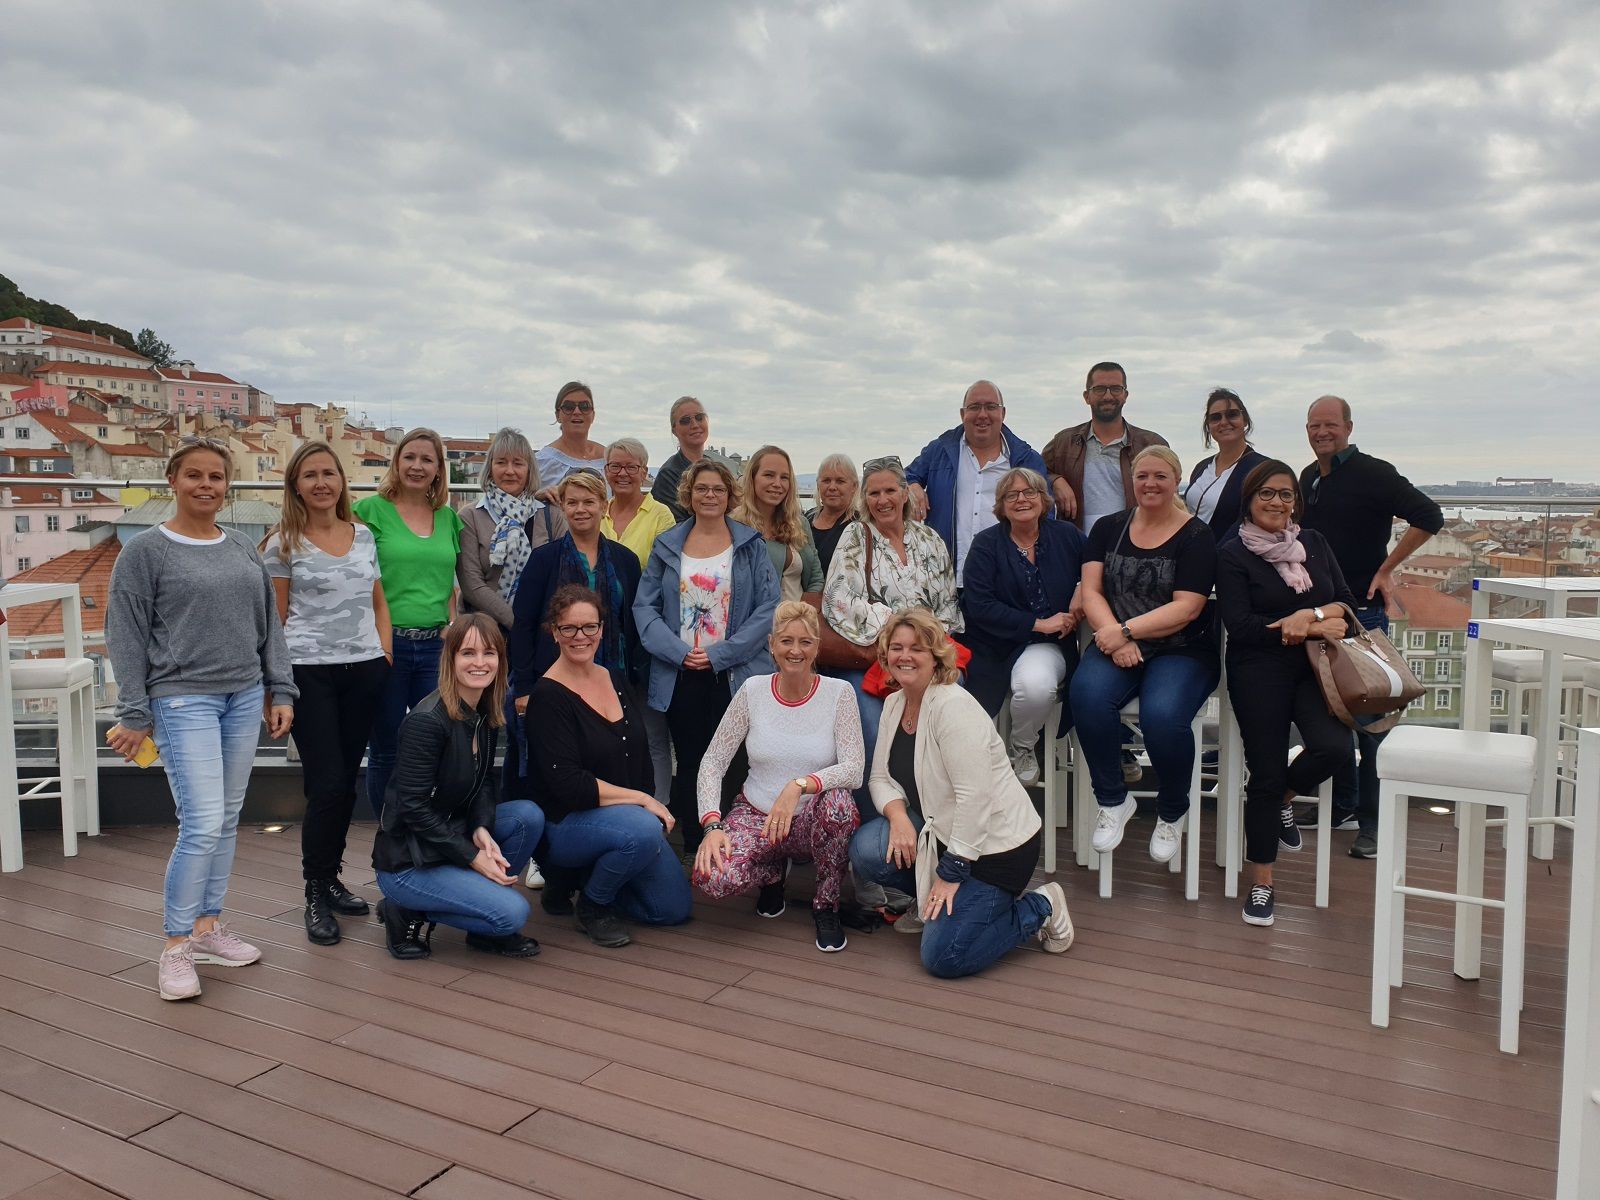 Groepsfoto op het dak van hotel Mundial in Lissabon, Portugal